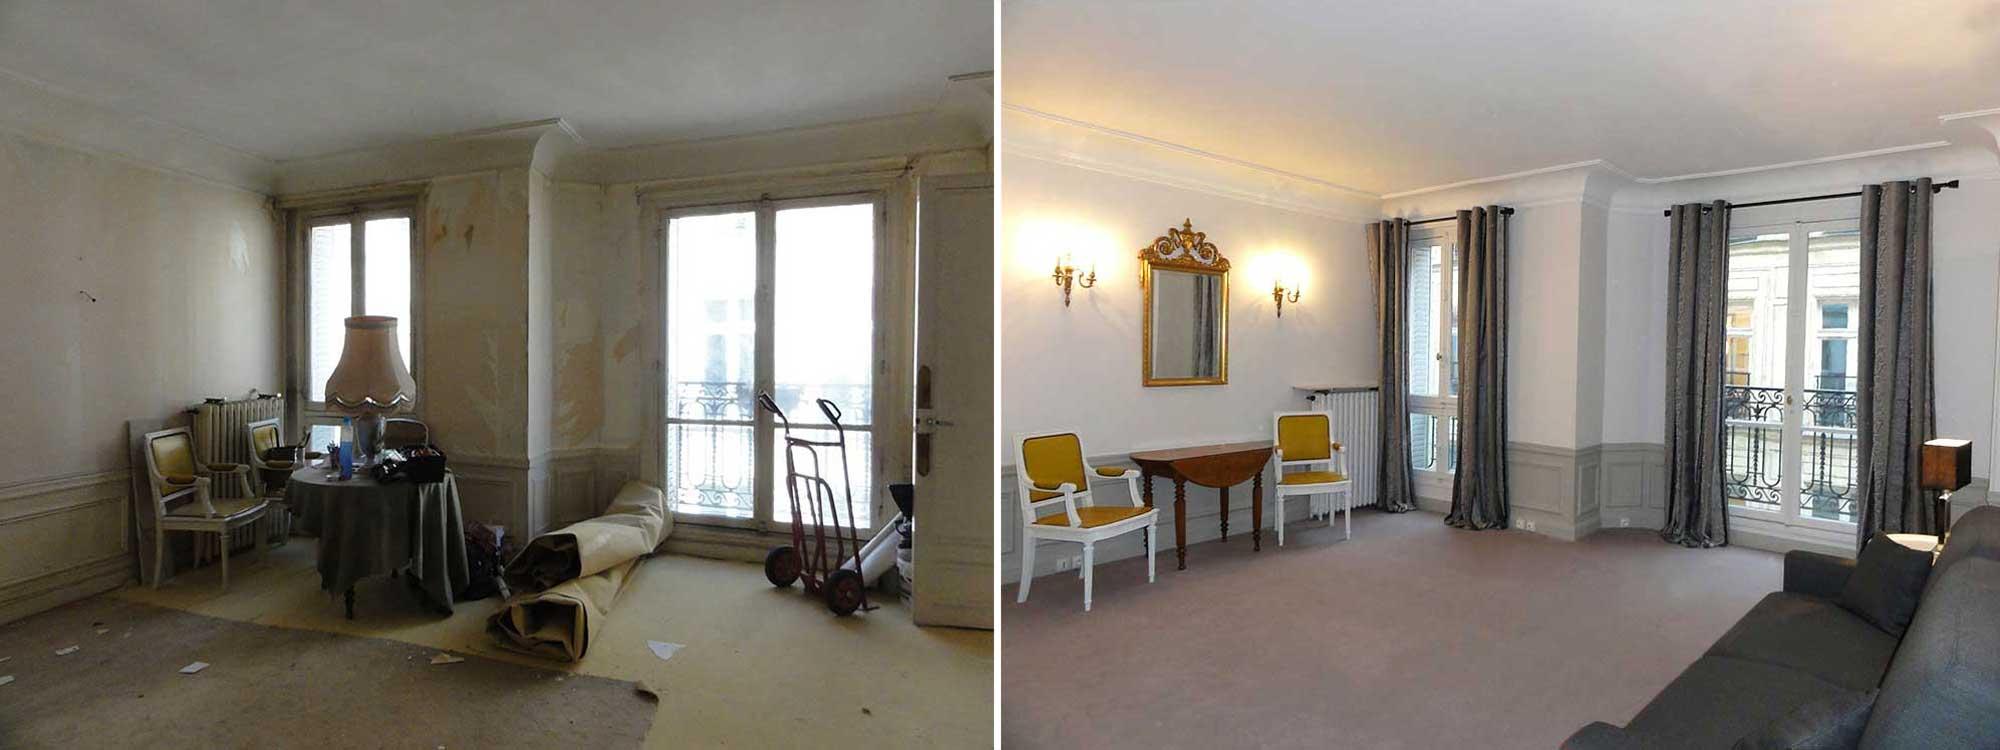 Ultra exemples-renovation-salon-avant-apres-8 - Les Gouts et Les Couleurs OR-97